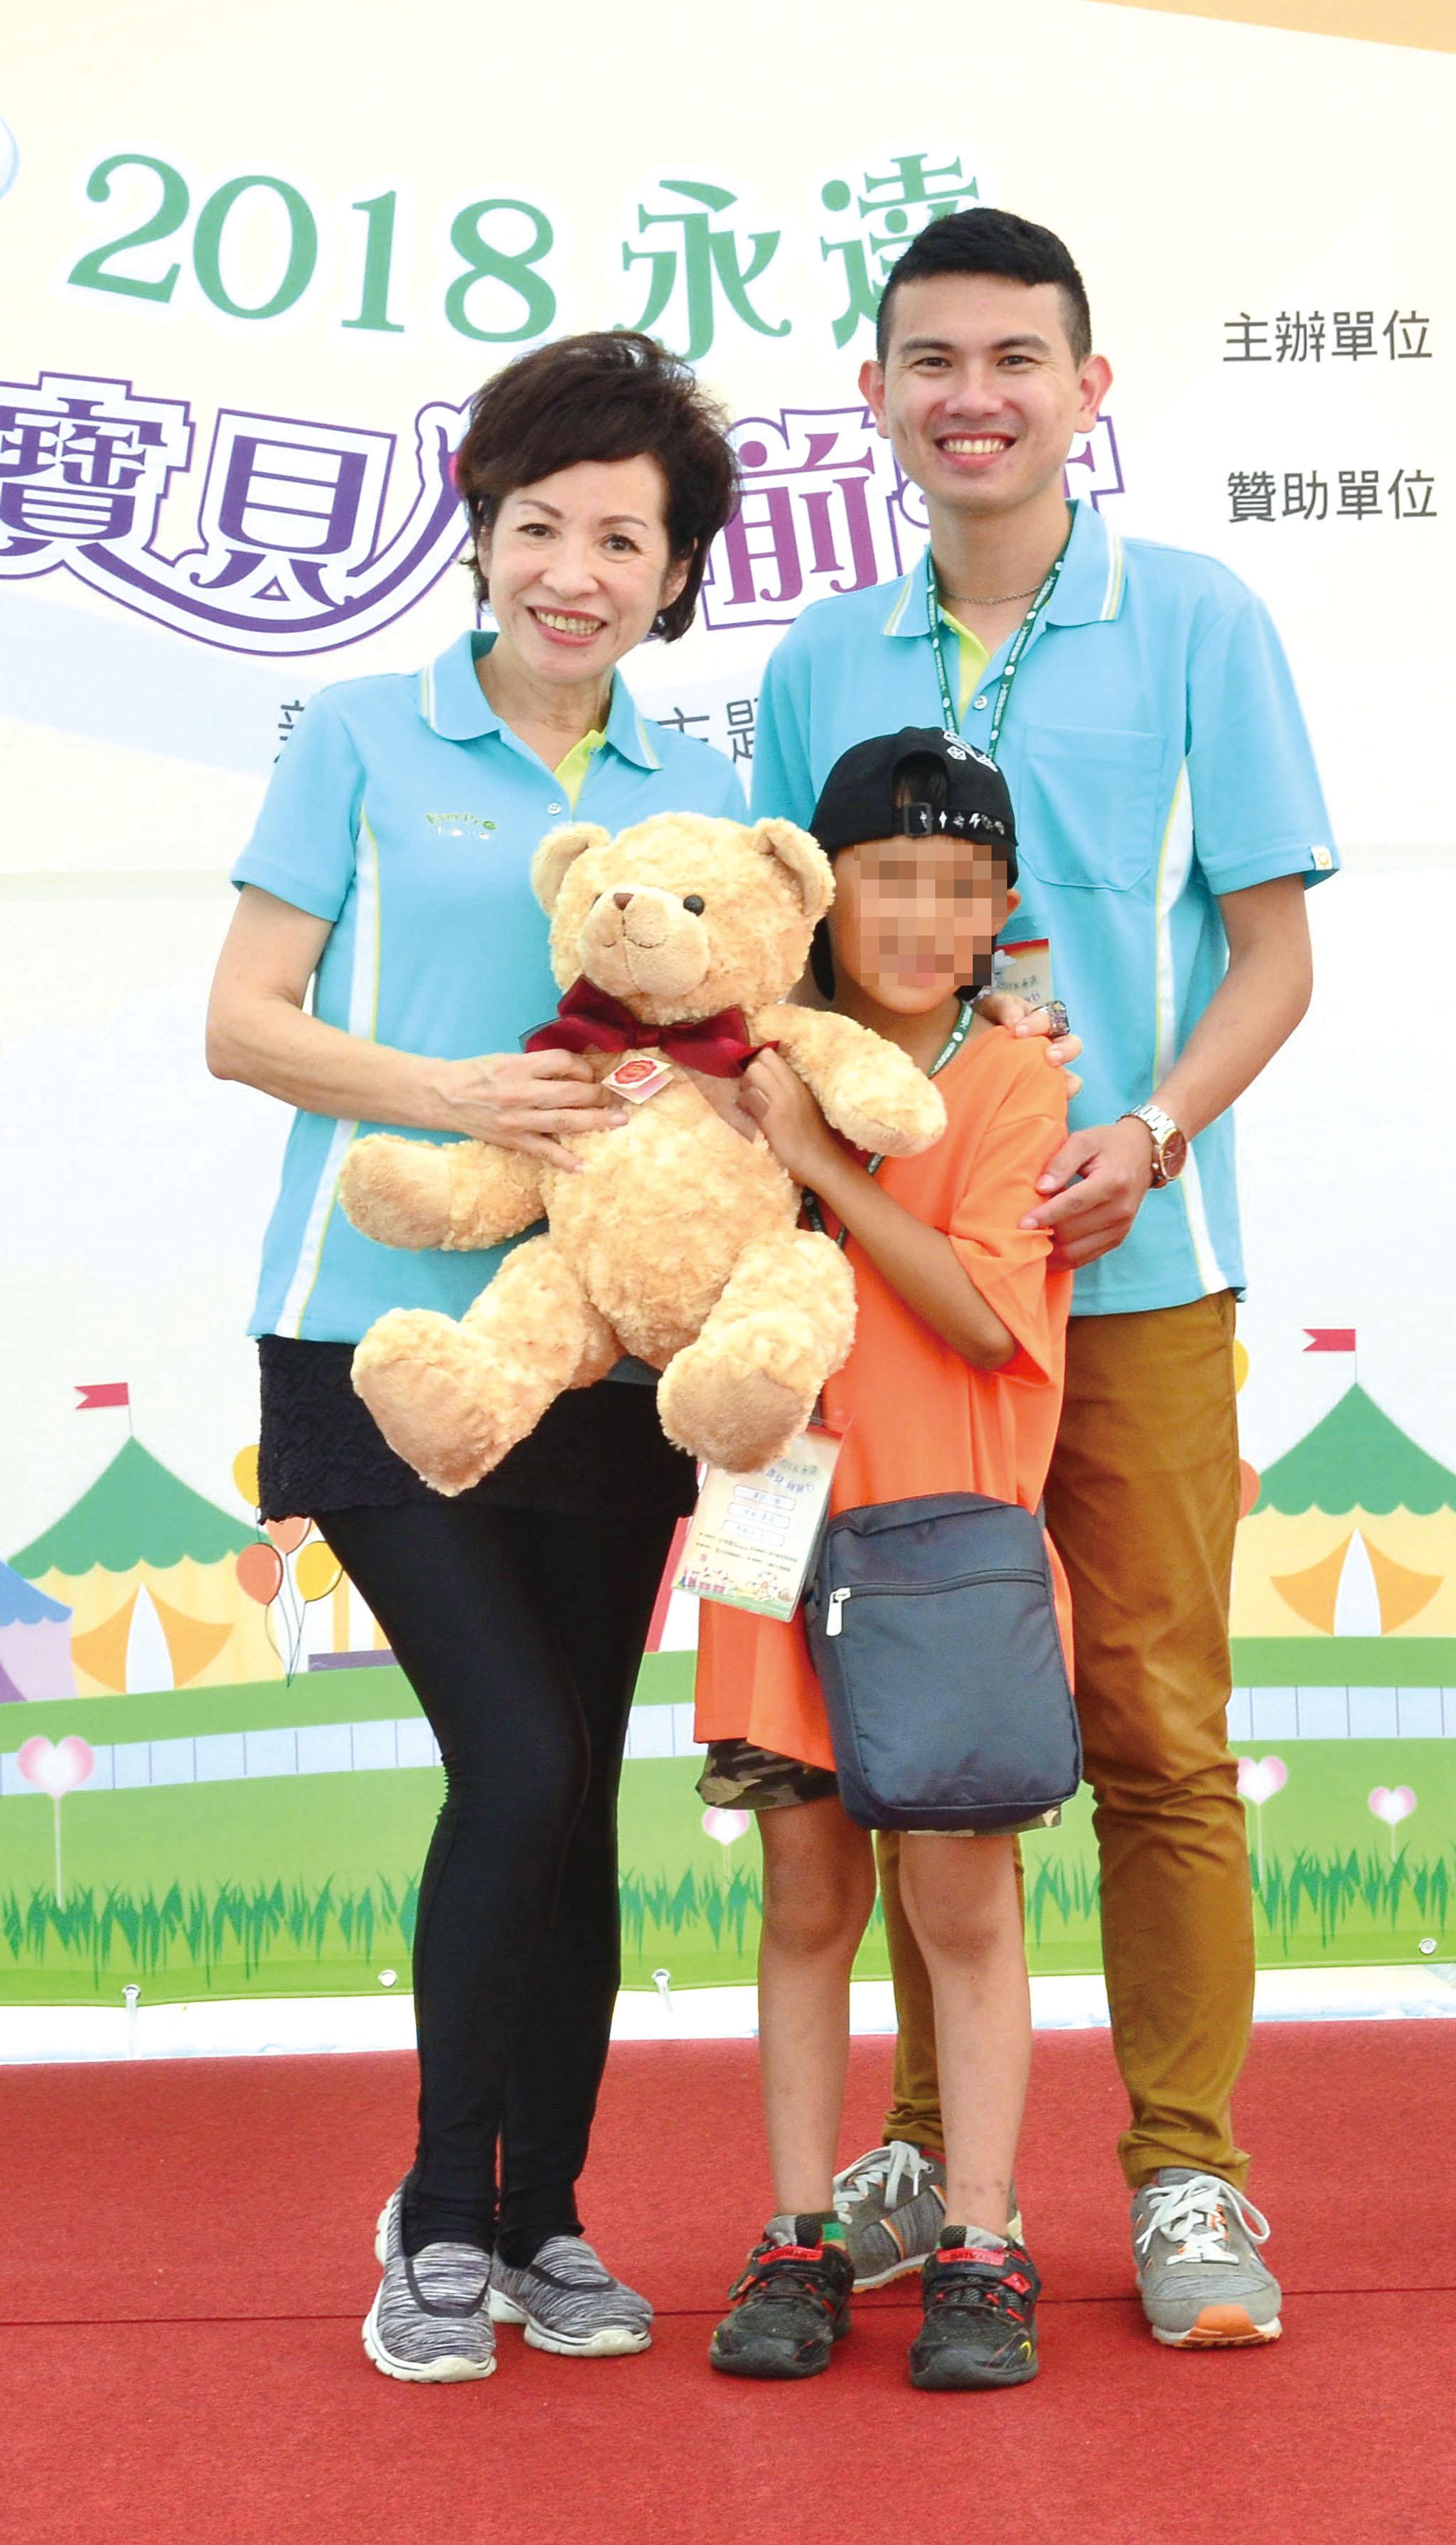 韓孫珍華業務副總(左)頒獎給寶貝。